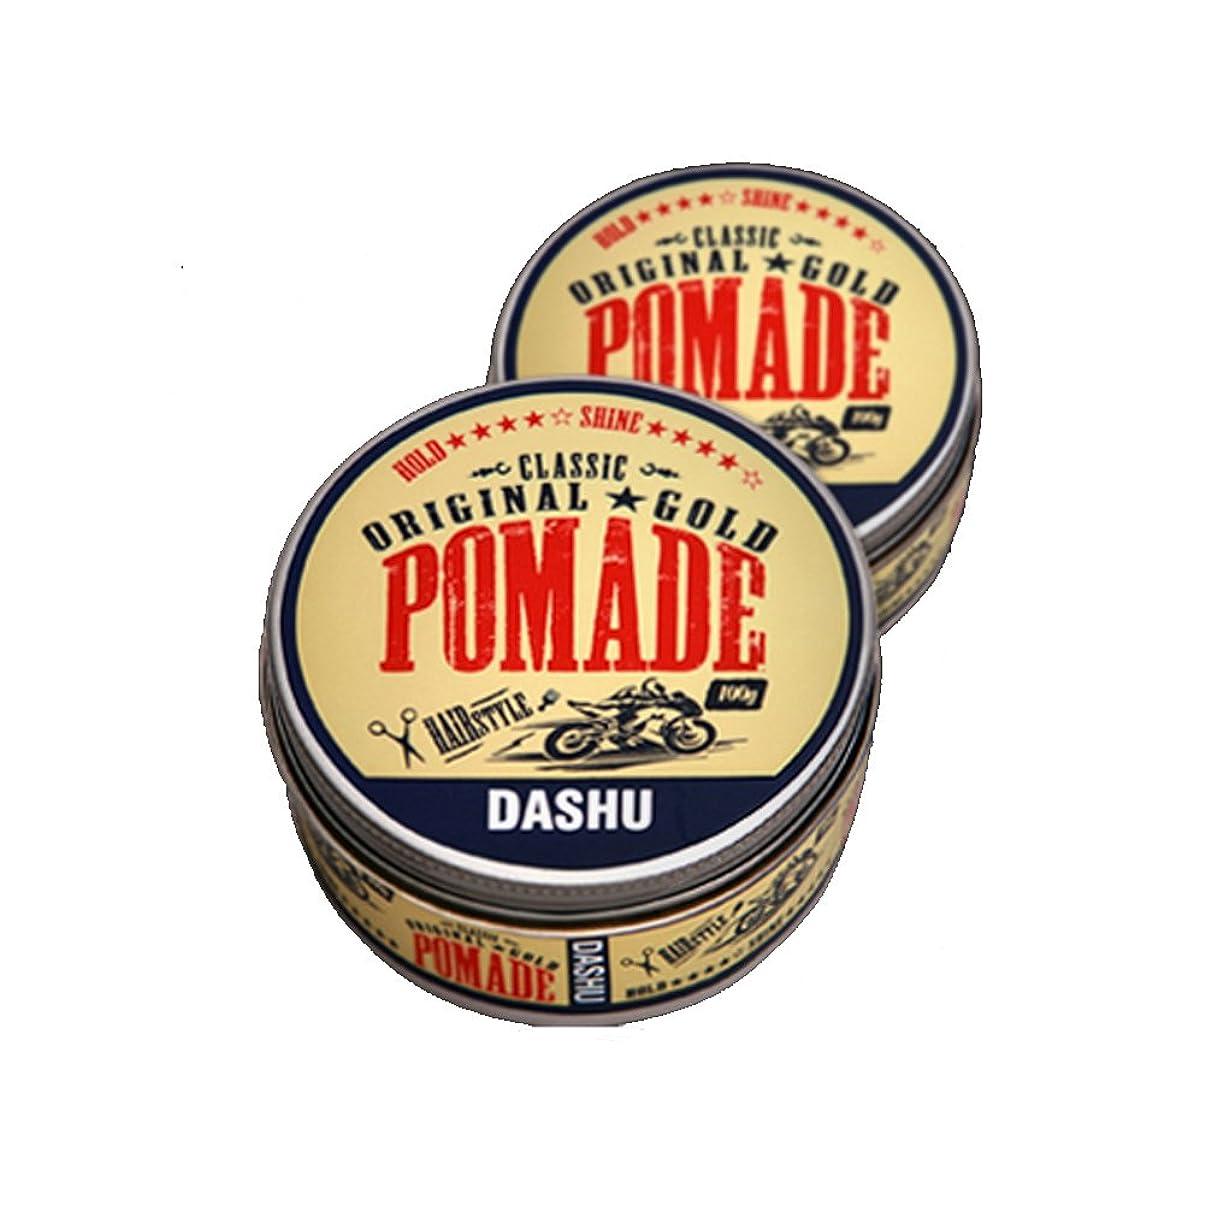 露出度の高い閃光いじめっ子(2個セット) x [DASHU] ダシュ クラシックオリジナルゴールドポマードヘアワックス Classic Original Gold Pomade Hair Wax 100ml / 韓国製 . 韓国直送品